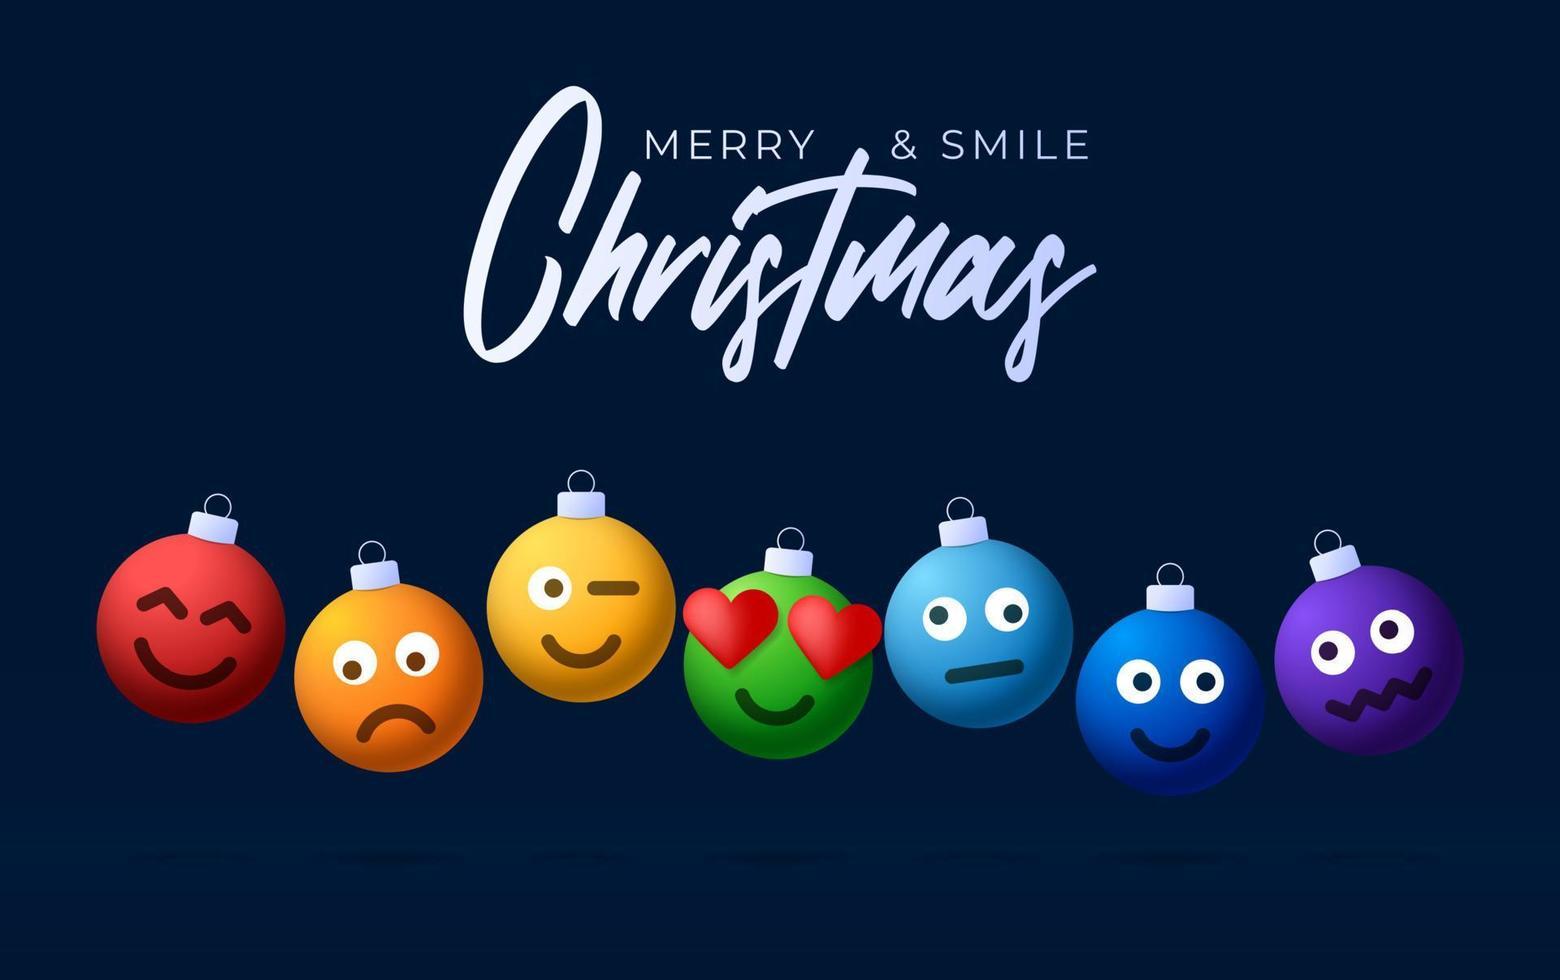 bolas de arco-íris de feliz Natal com cartão de saudação de rosto bonito. emoticons em brinquedos de bolhas. vetor para árvore de Natal de férias de decoração. elemento de design banner de venda de feliz ano novo, folheto, cartaz, plano de fundo